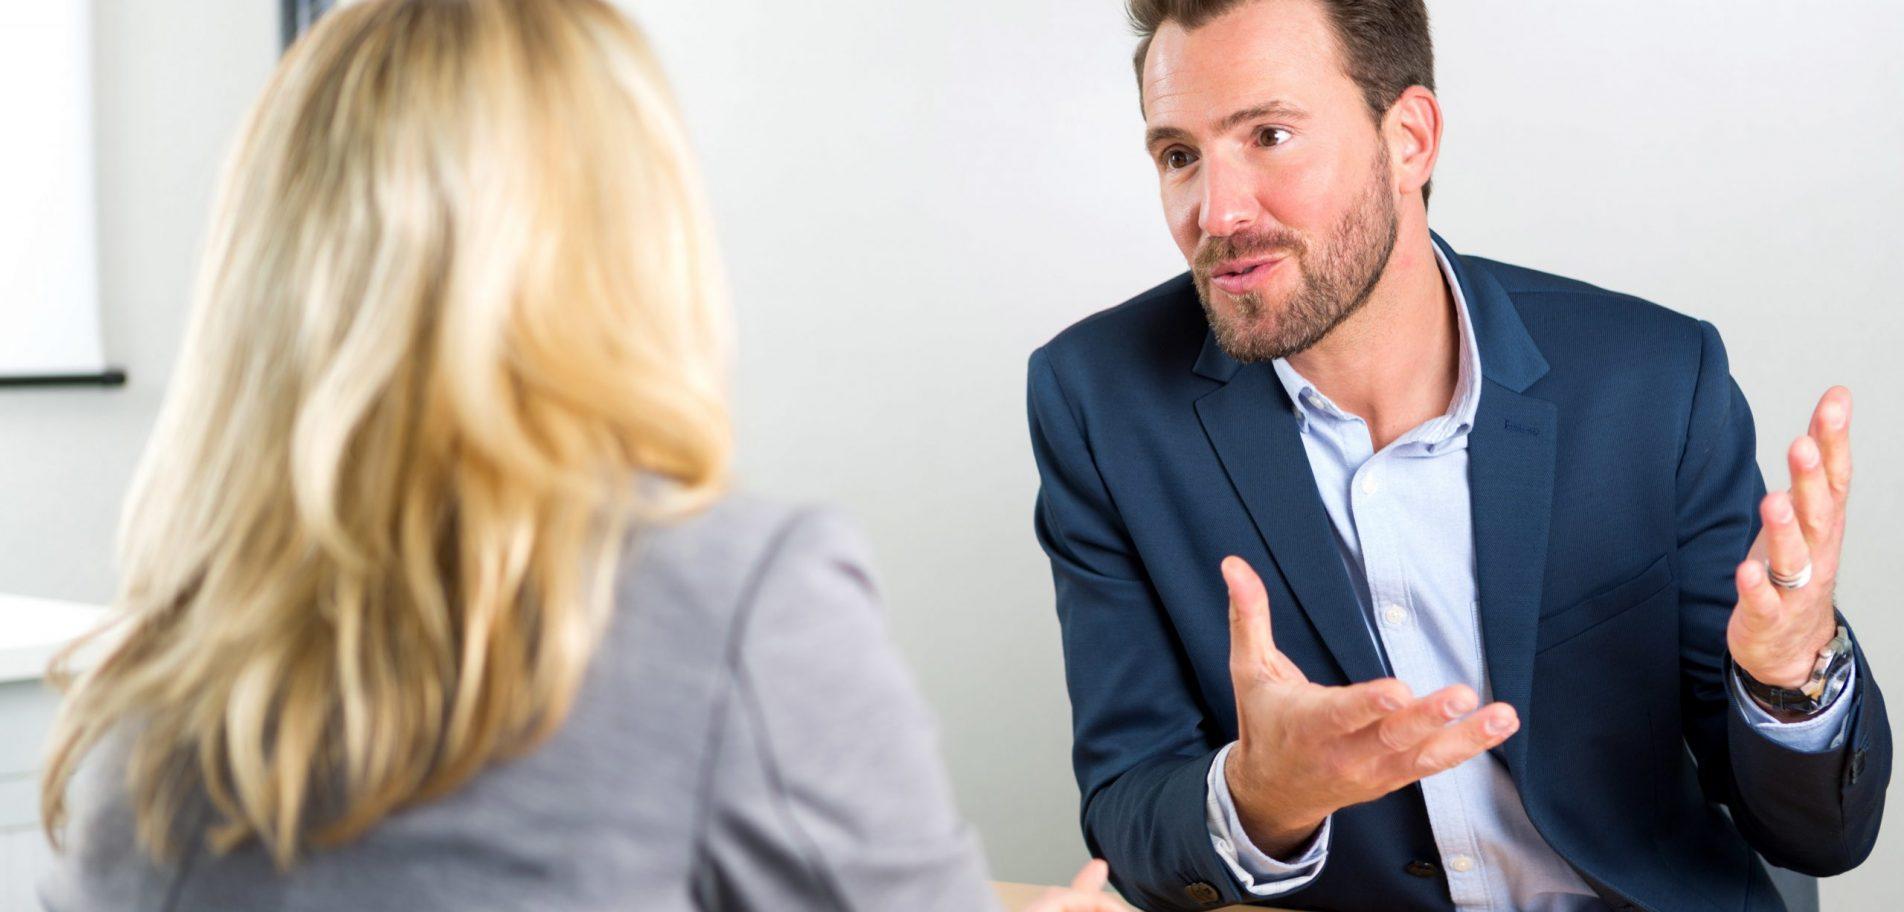 homme femme discussion dossier entreprise coopérative